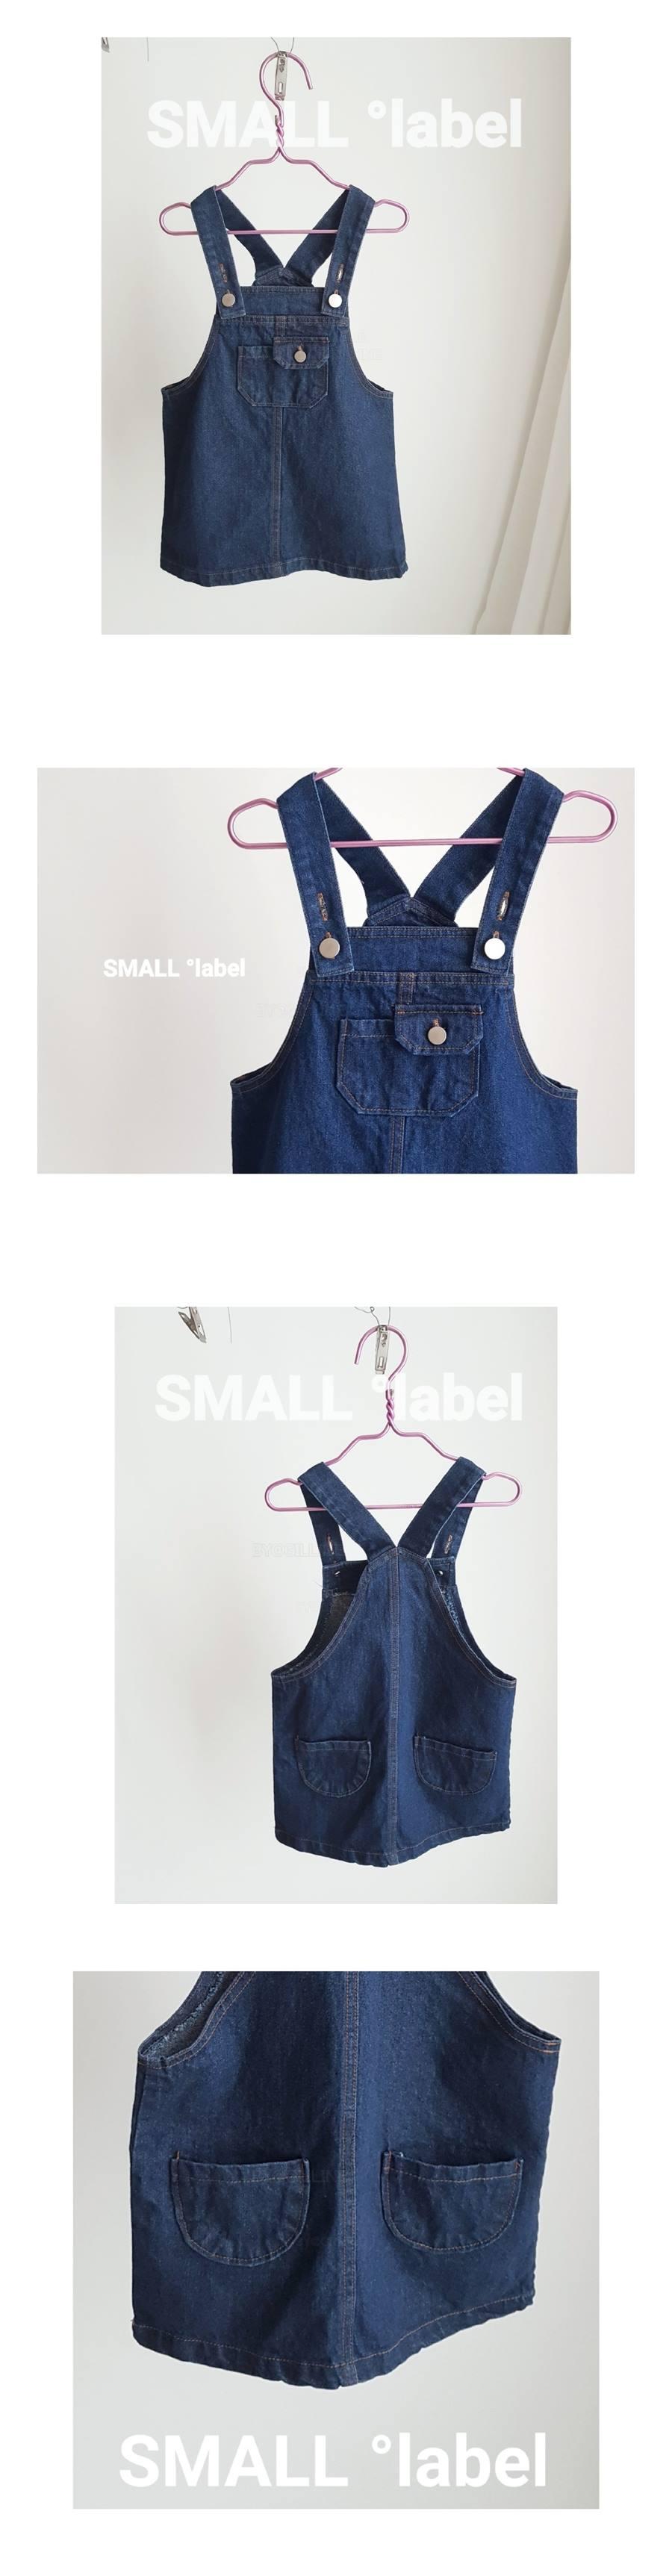 SMALL LABEL - Korean Children Fashion - #Kfashion4kids - Denim Overalls Skirt